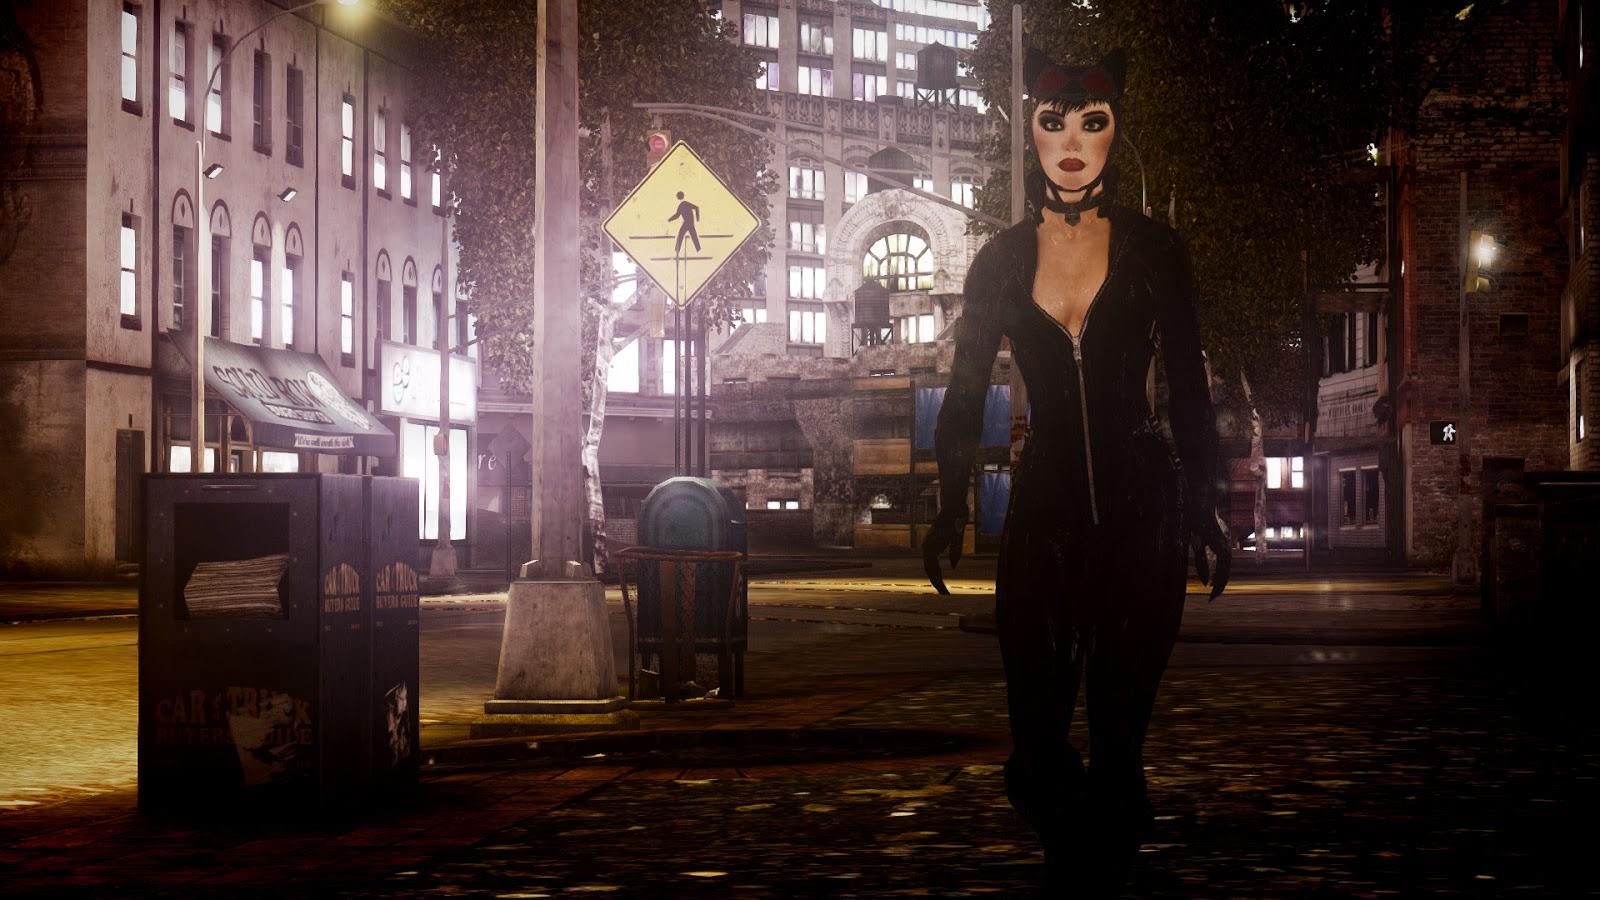 GTA 5,GTAV,GTA IV Mods and Skins: GTA IV SKIN : Batman